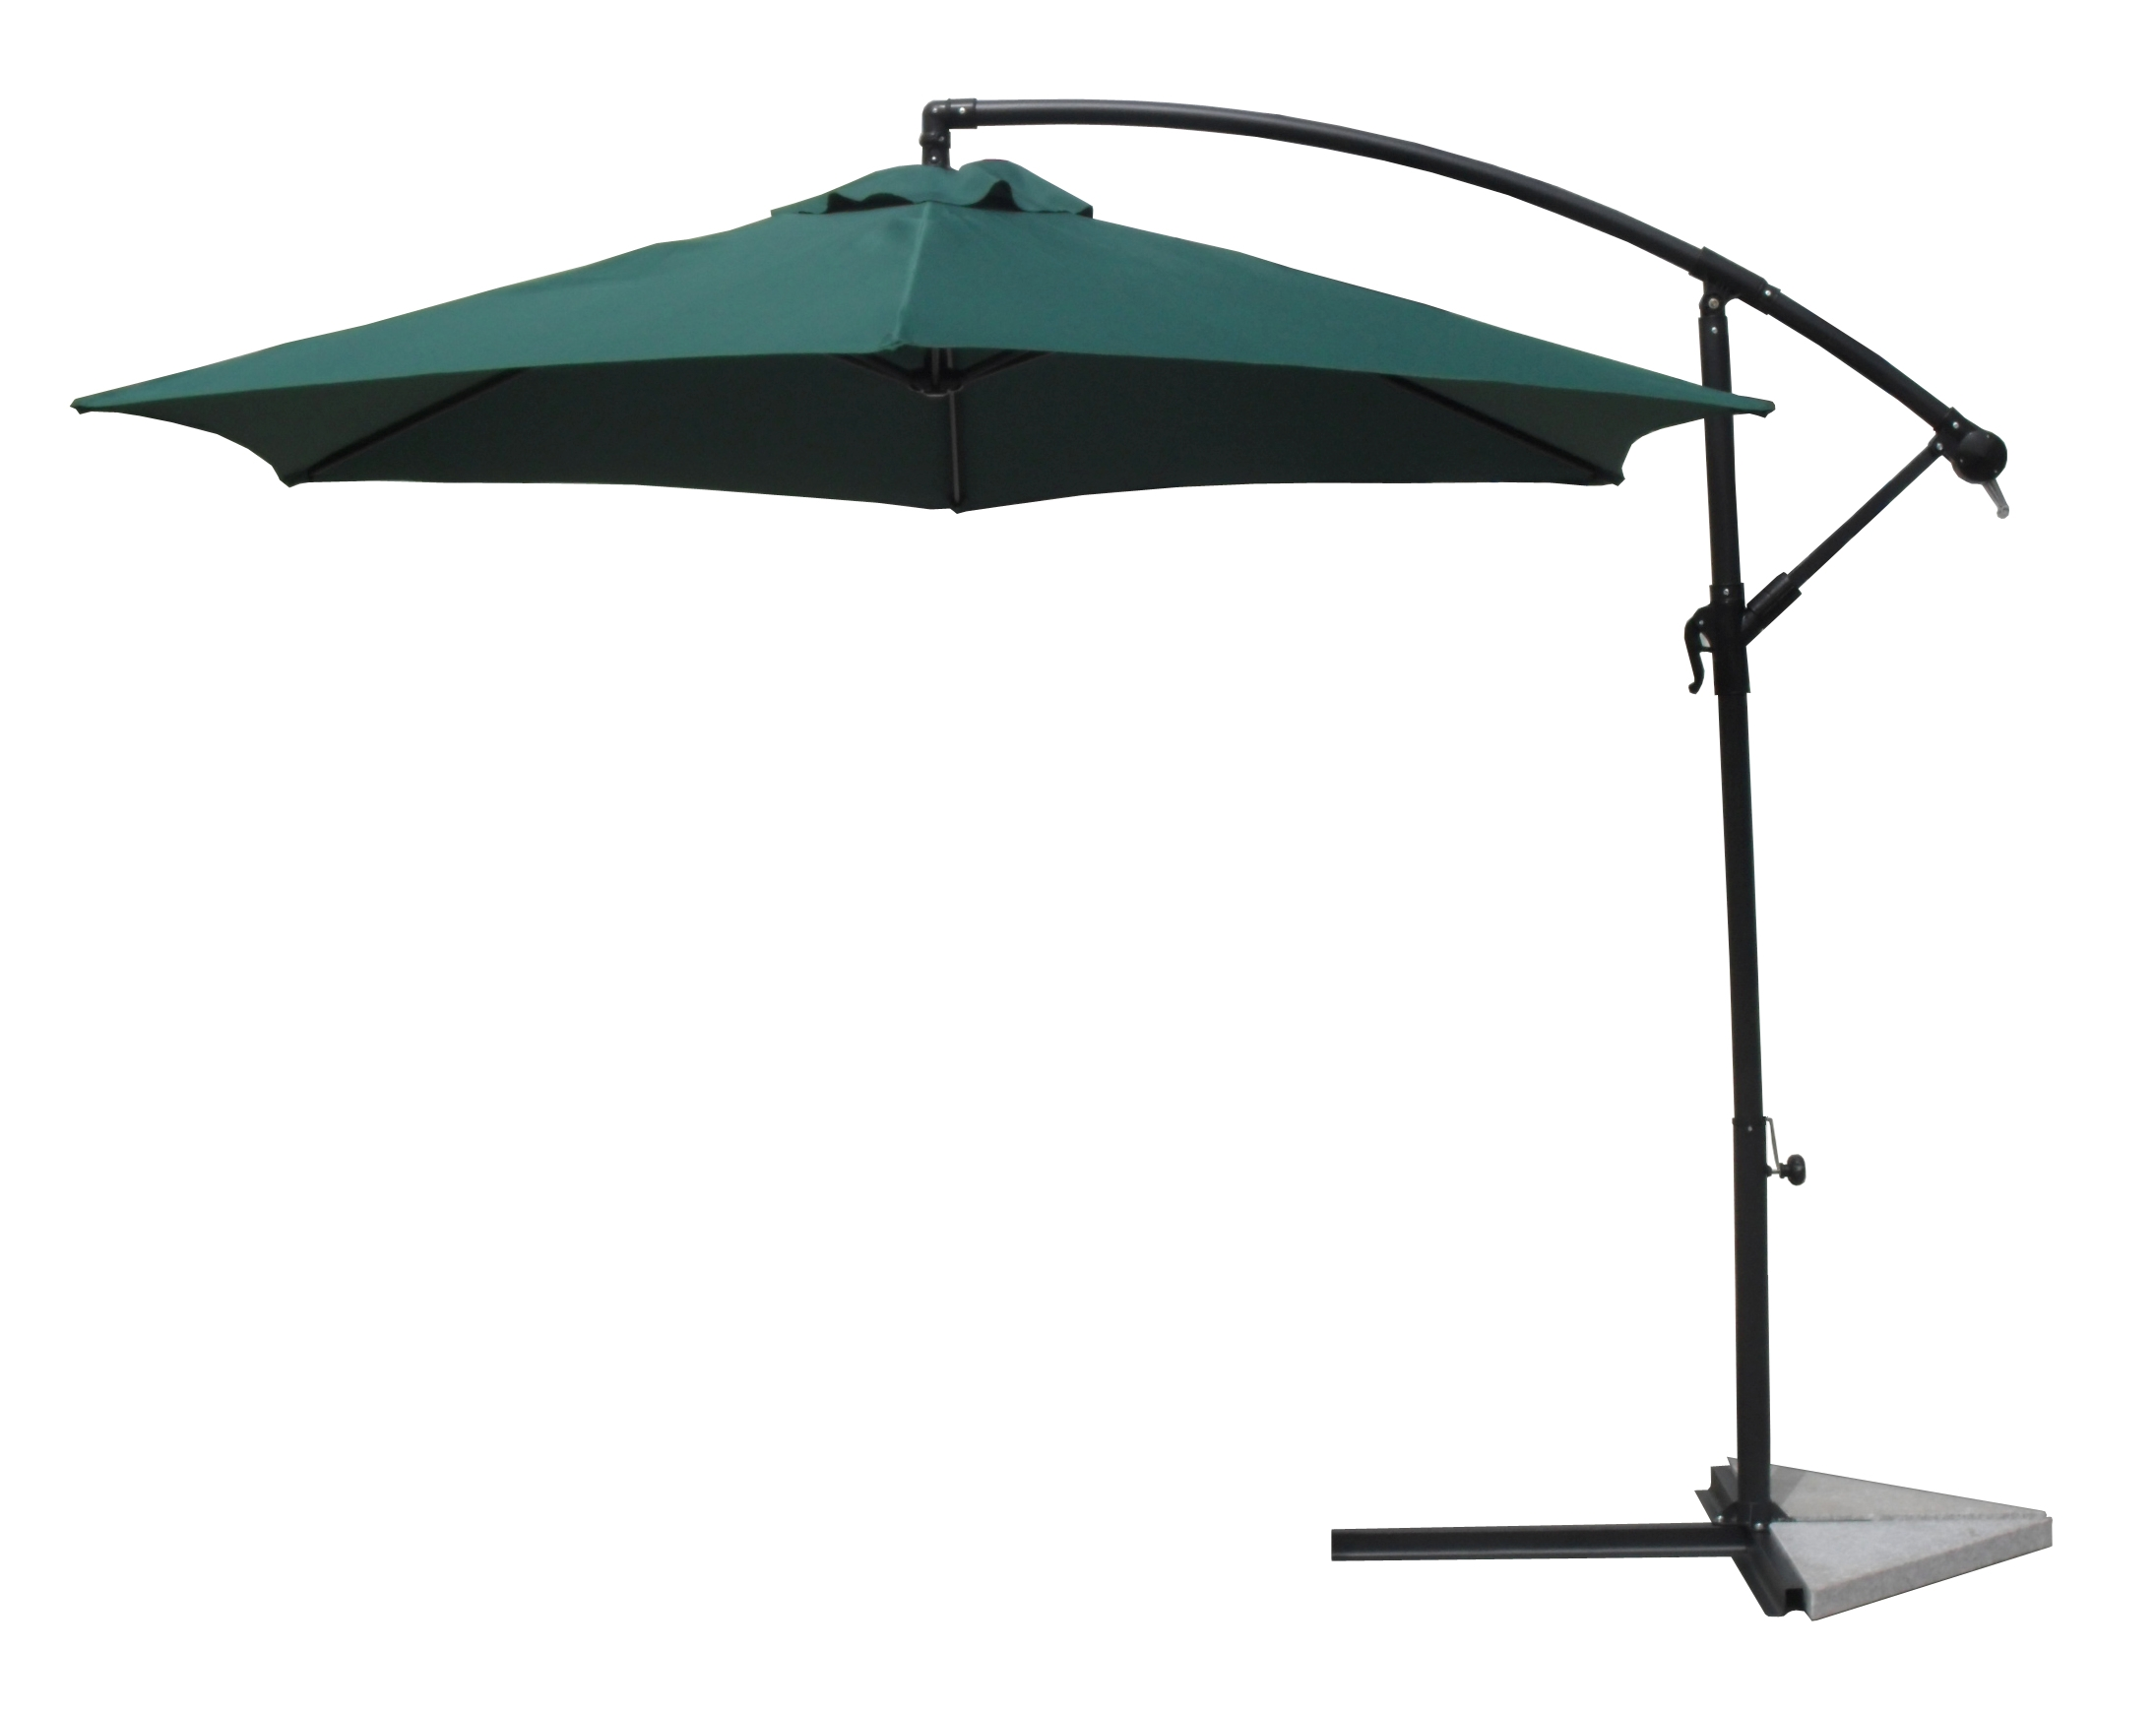 garden umbrella,cafe umbrella,/Camping/Sports and ...